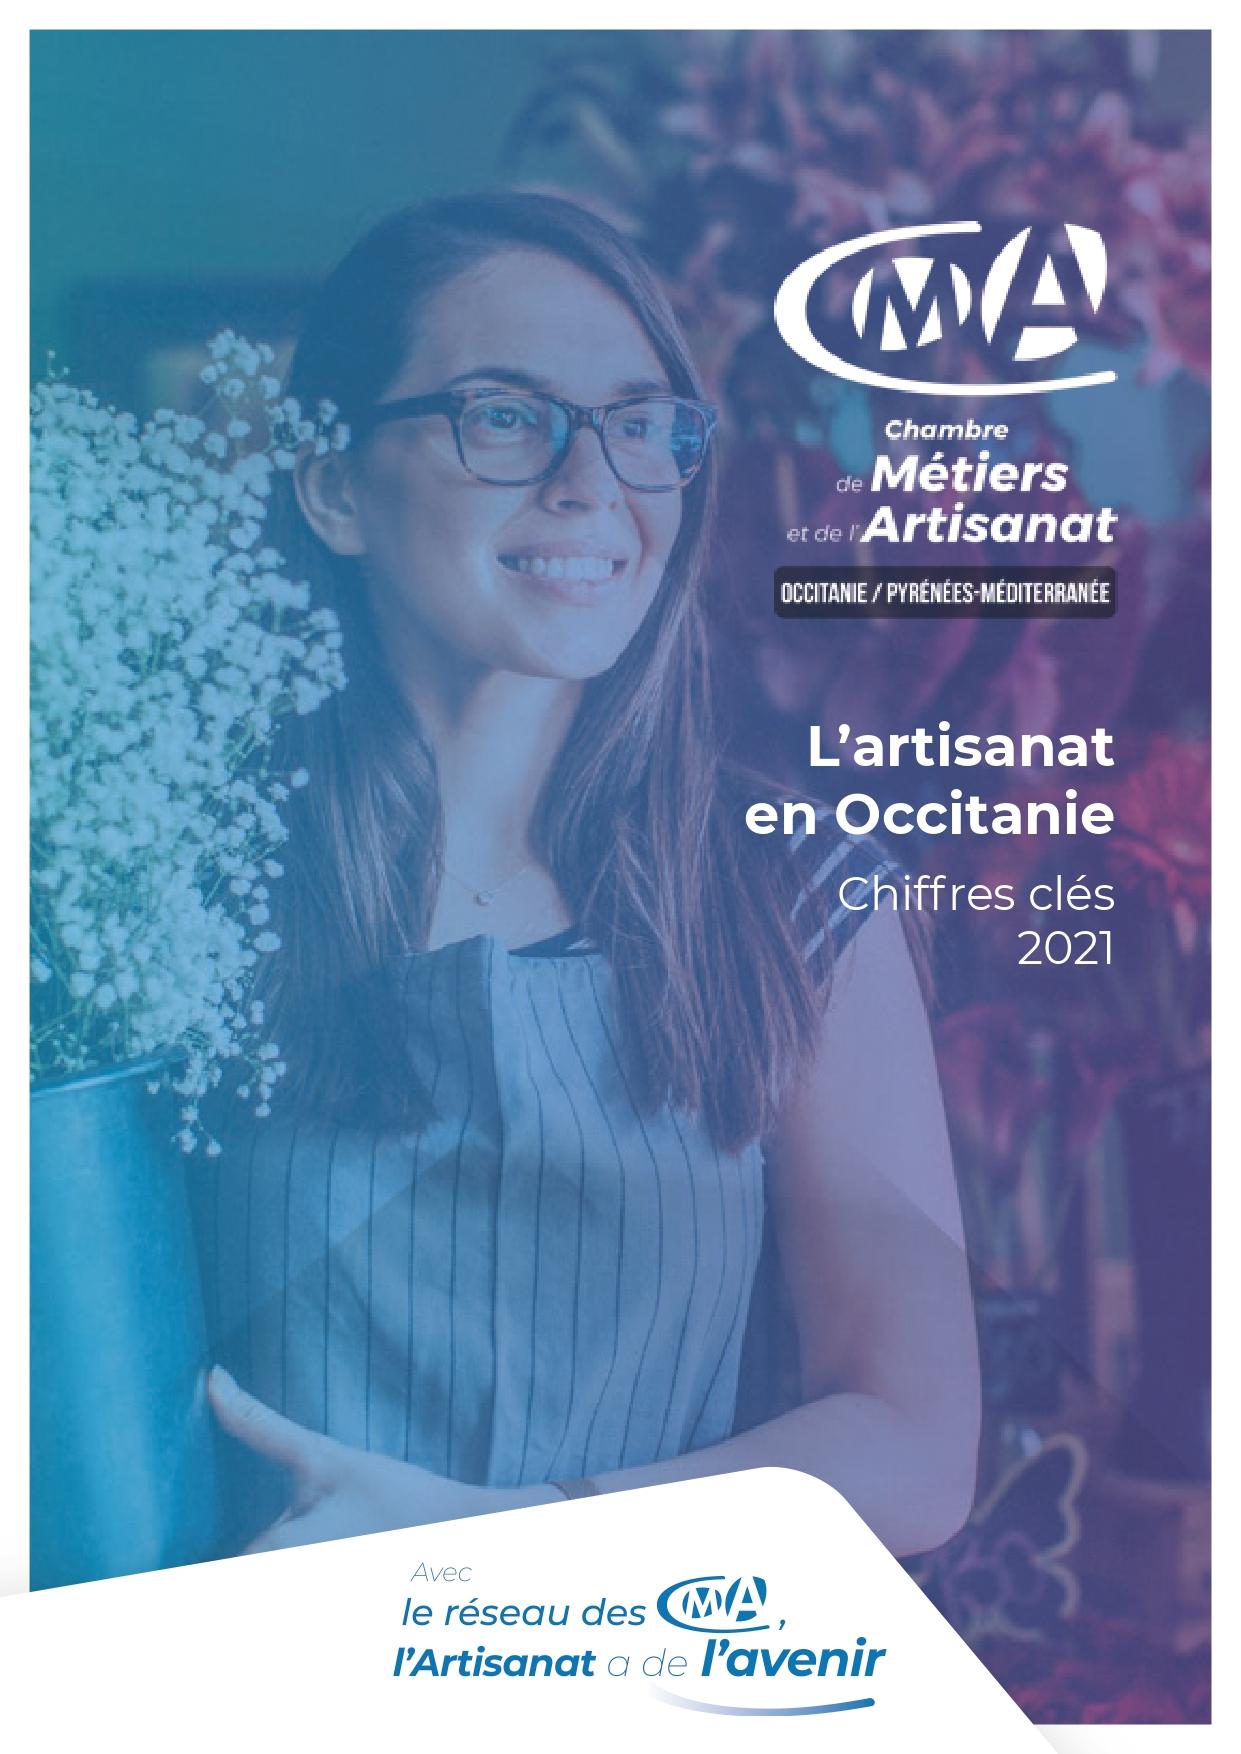 Chiffres clés 2021 de l'artisanat en région Occitanie